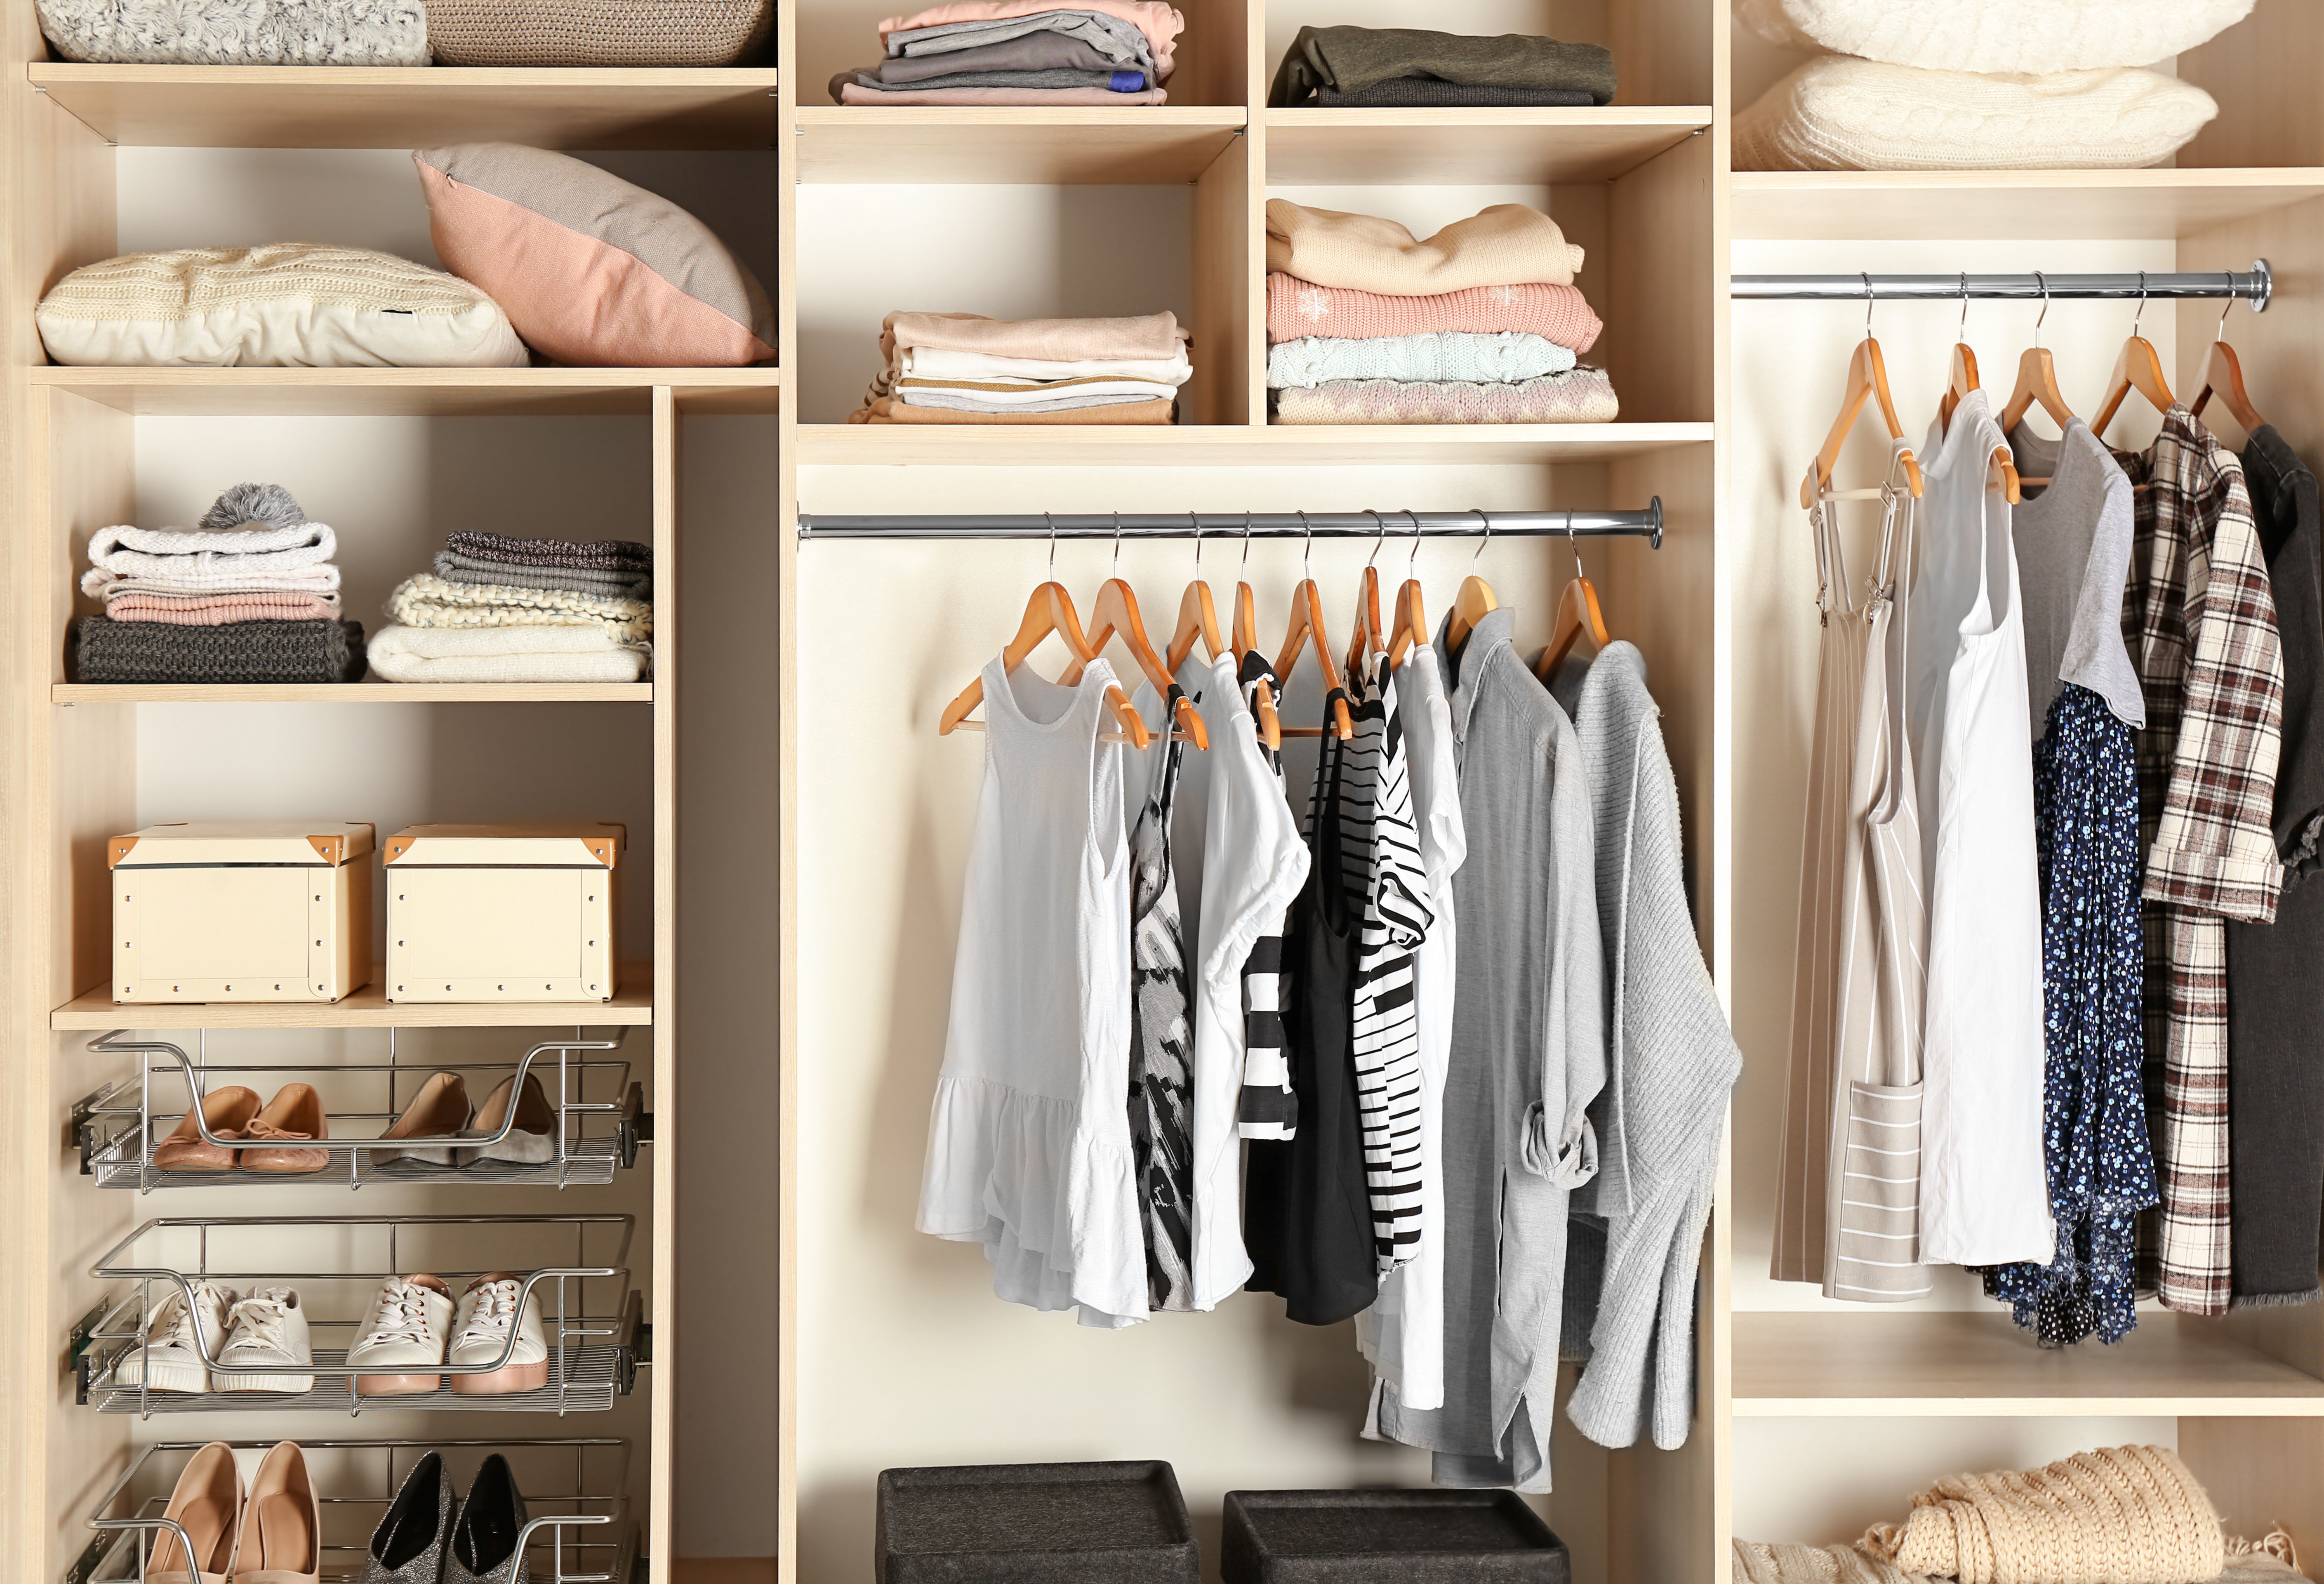 closet_05.jpeg